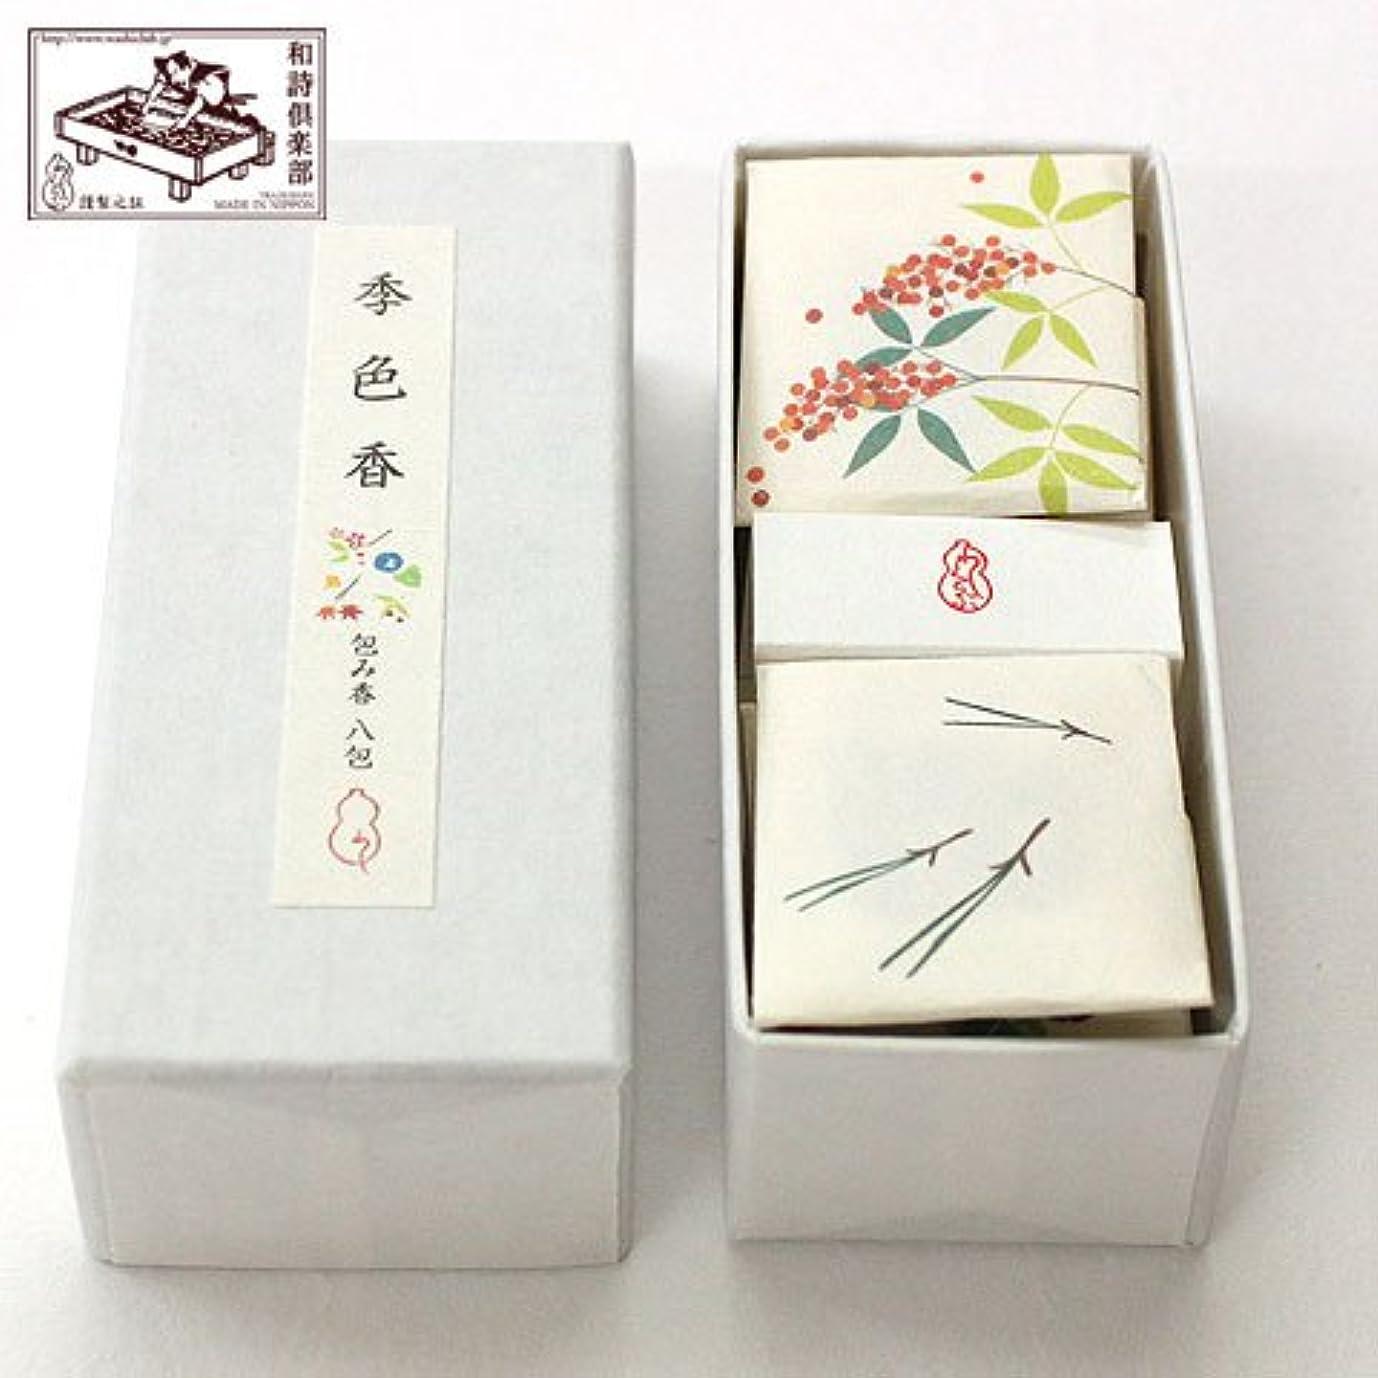 主張する区別液体文香包み香季色香 (TU-012)和詩倶楽部